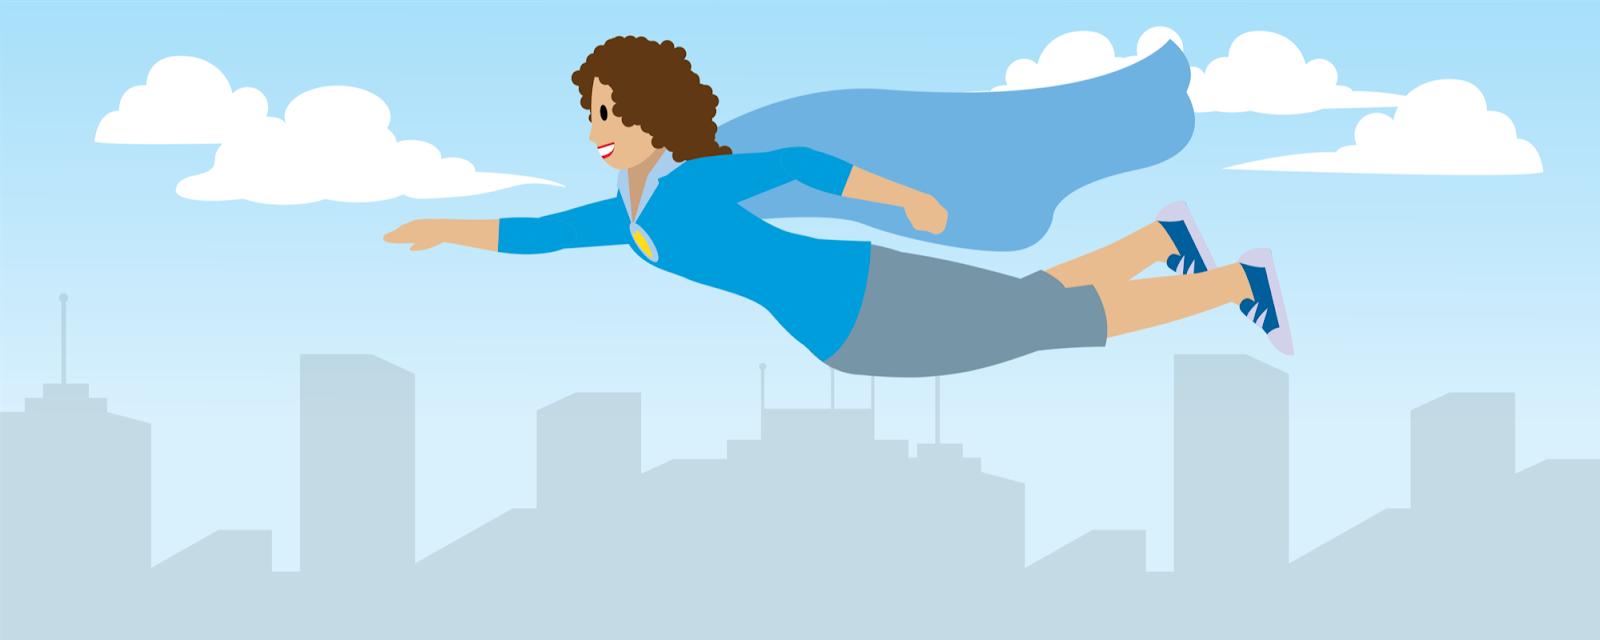 Illustration d'une femme avec une cape en train de voler au-dessus d'une ville.